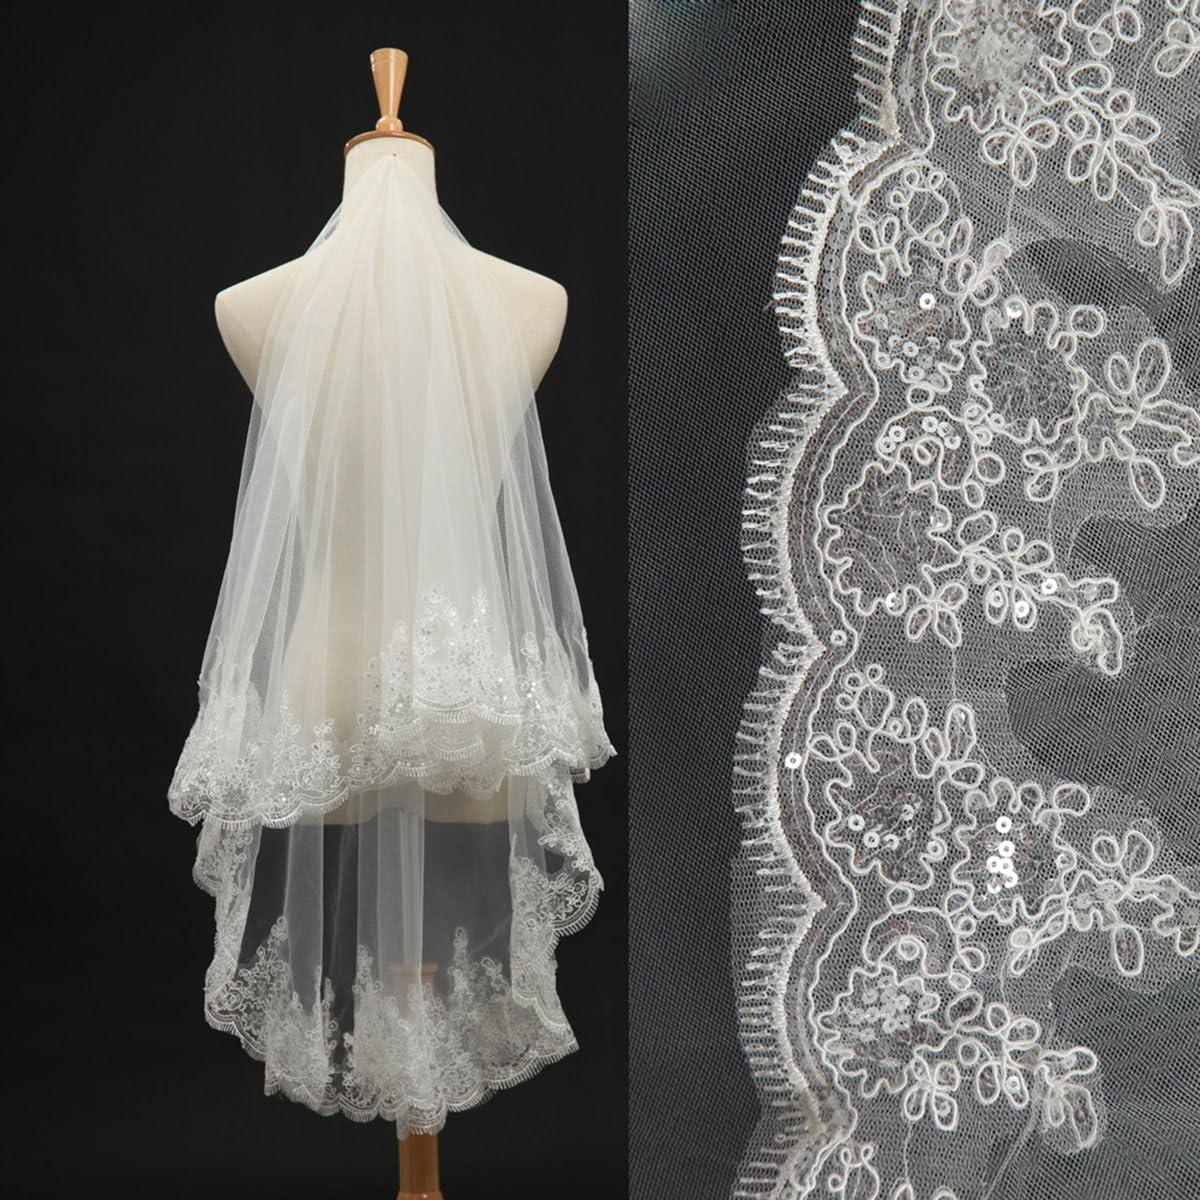 Udresses Short Soft Tulle Lace Edge Wedding Veils for Bride V64